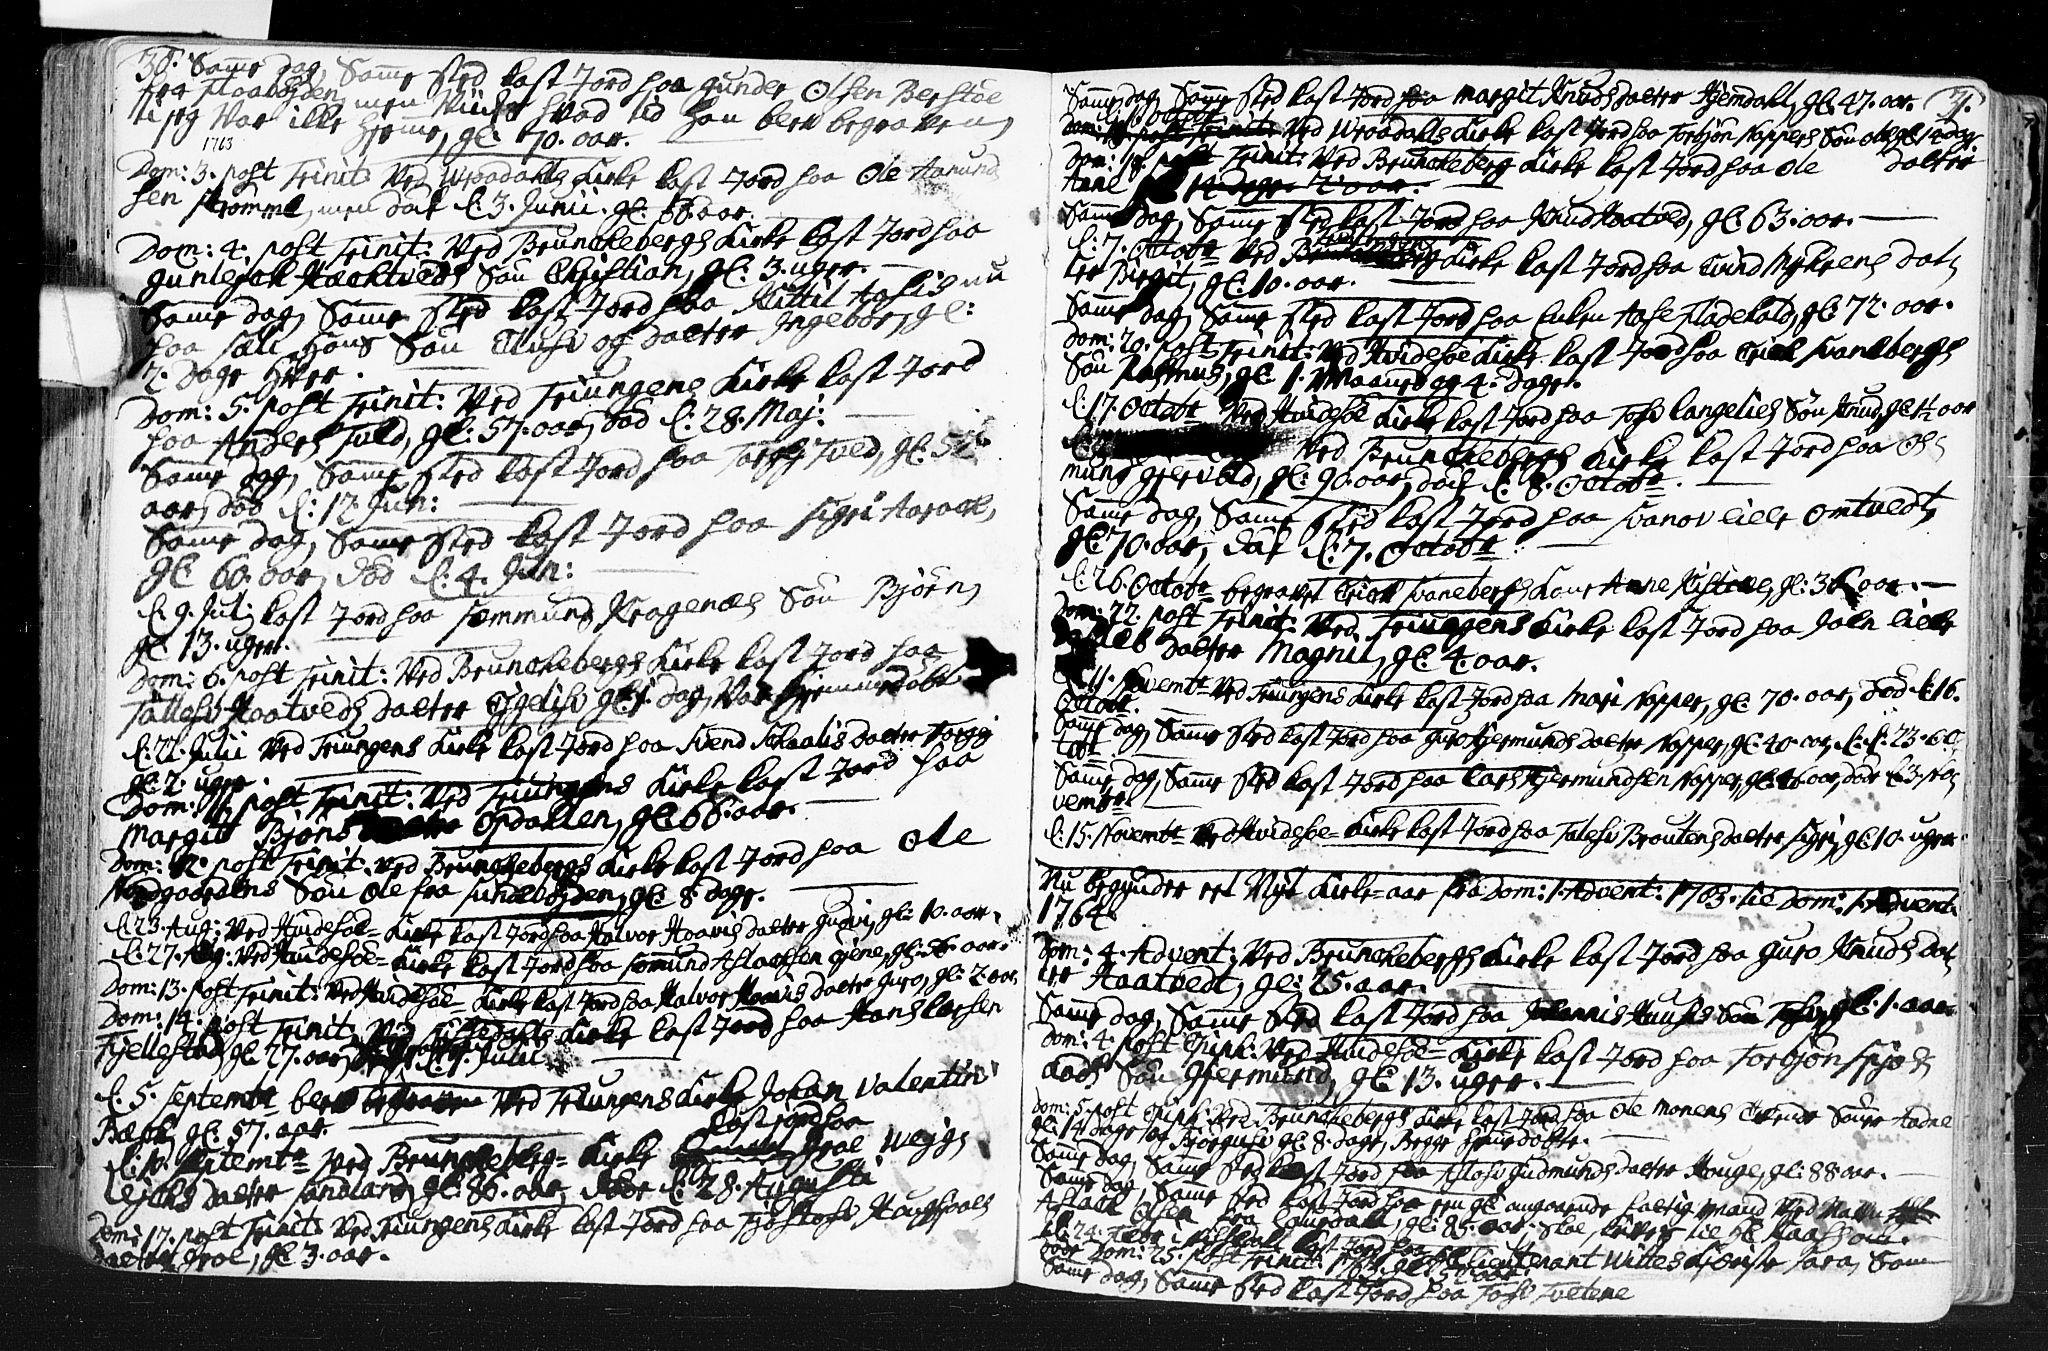 SAKO, Kviteseid kirkebøker, F/Fa/L0001: Ministerialbok nr. I 1, 1754-1773, s. 30-31